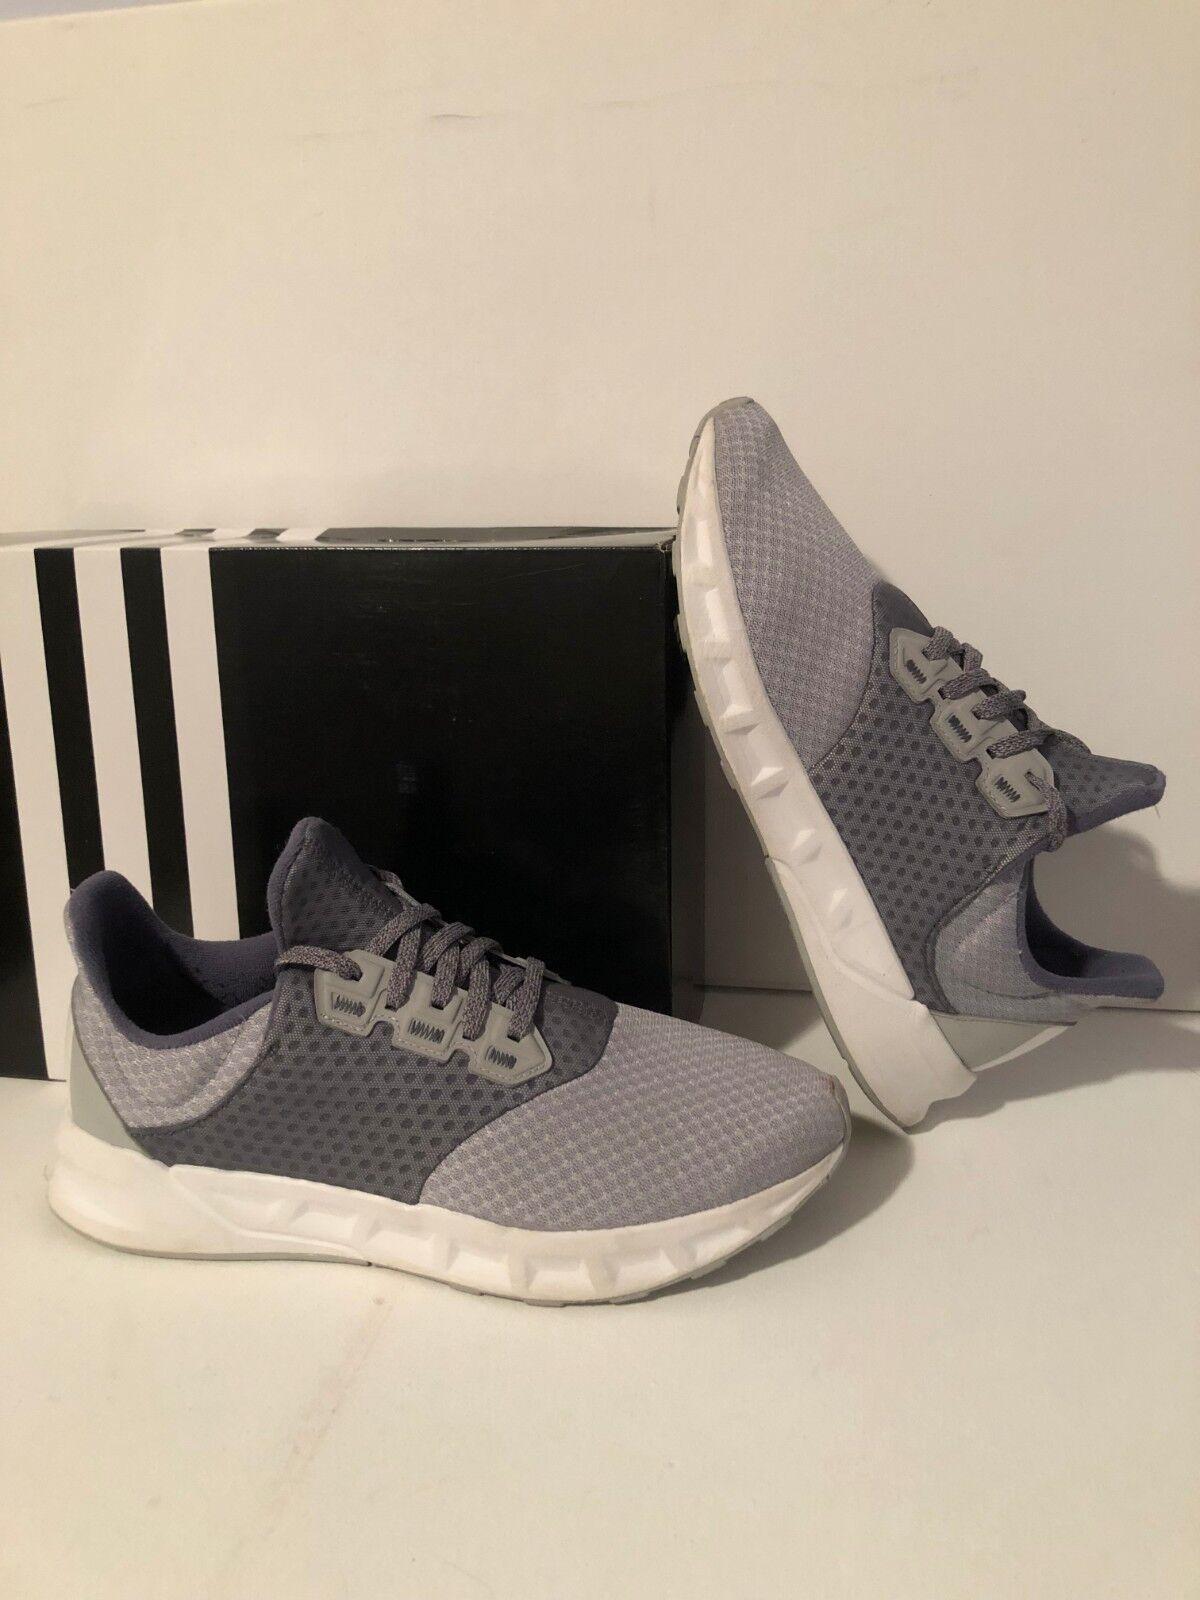 Gli uomini falco falco falco adidas aq2228 elite 5 in scarpe da ginnastica   grigio  bianco misura 8,5 | Bel design  1b6daa